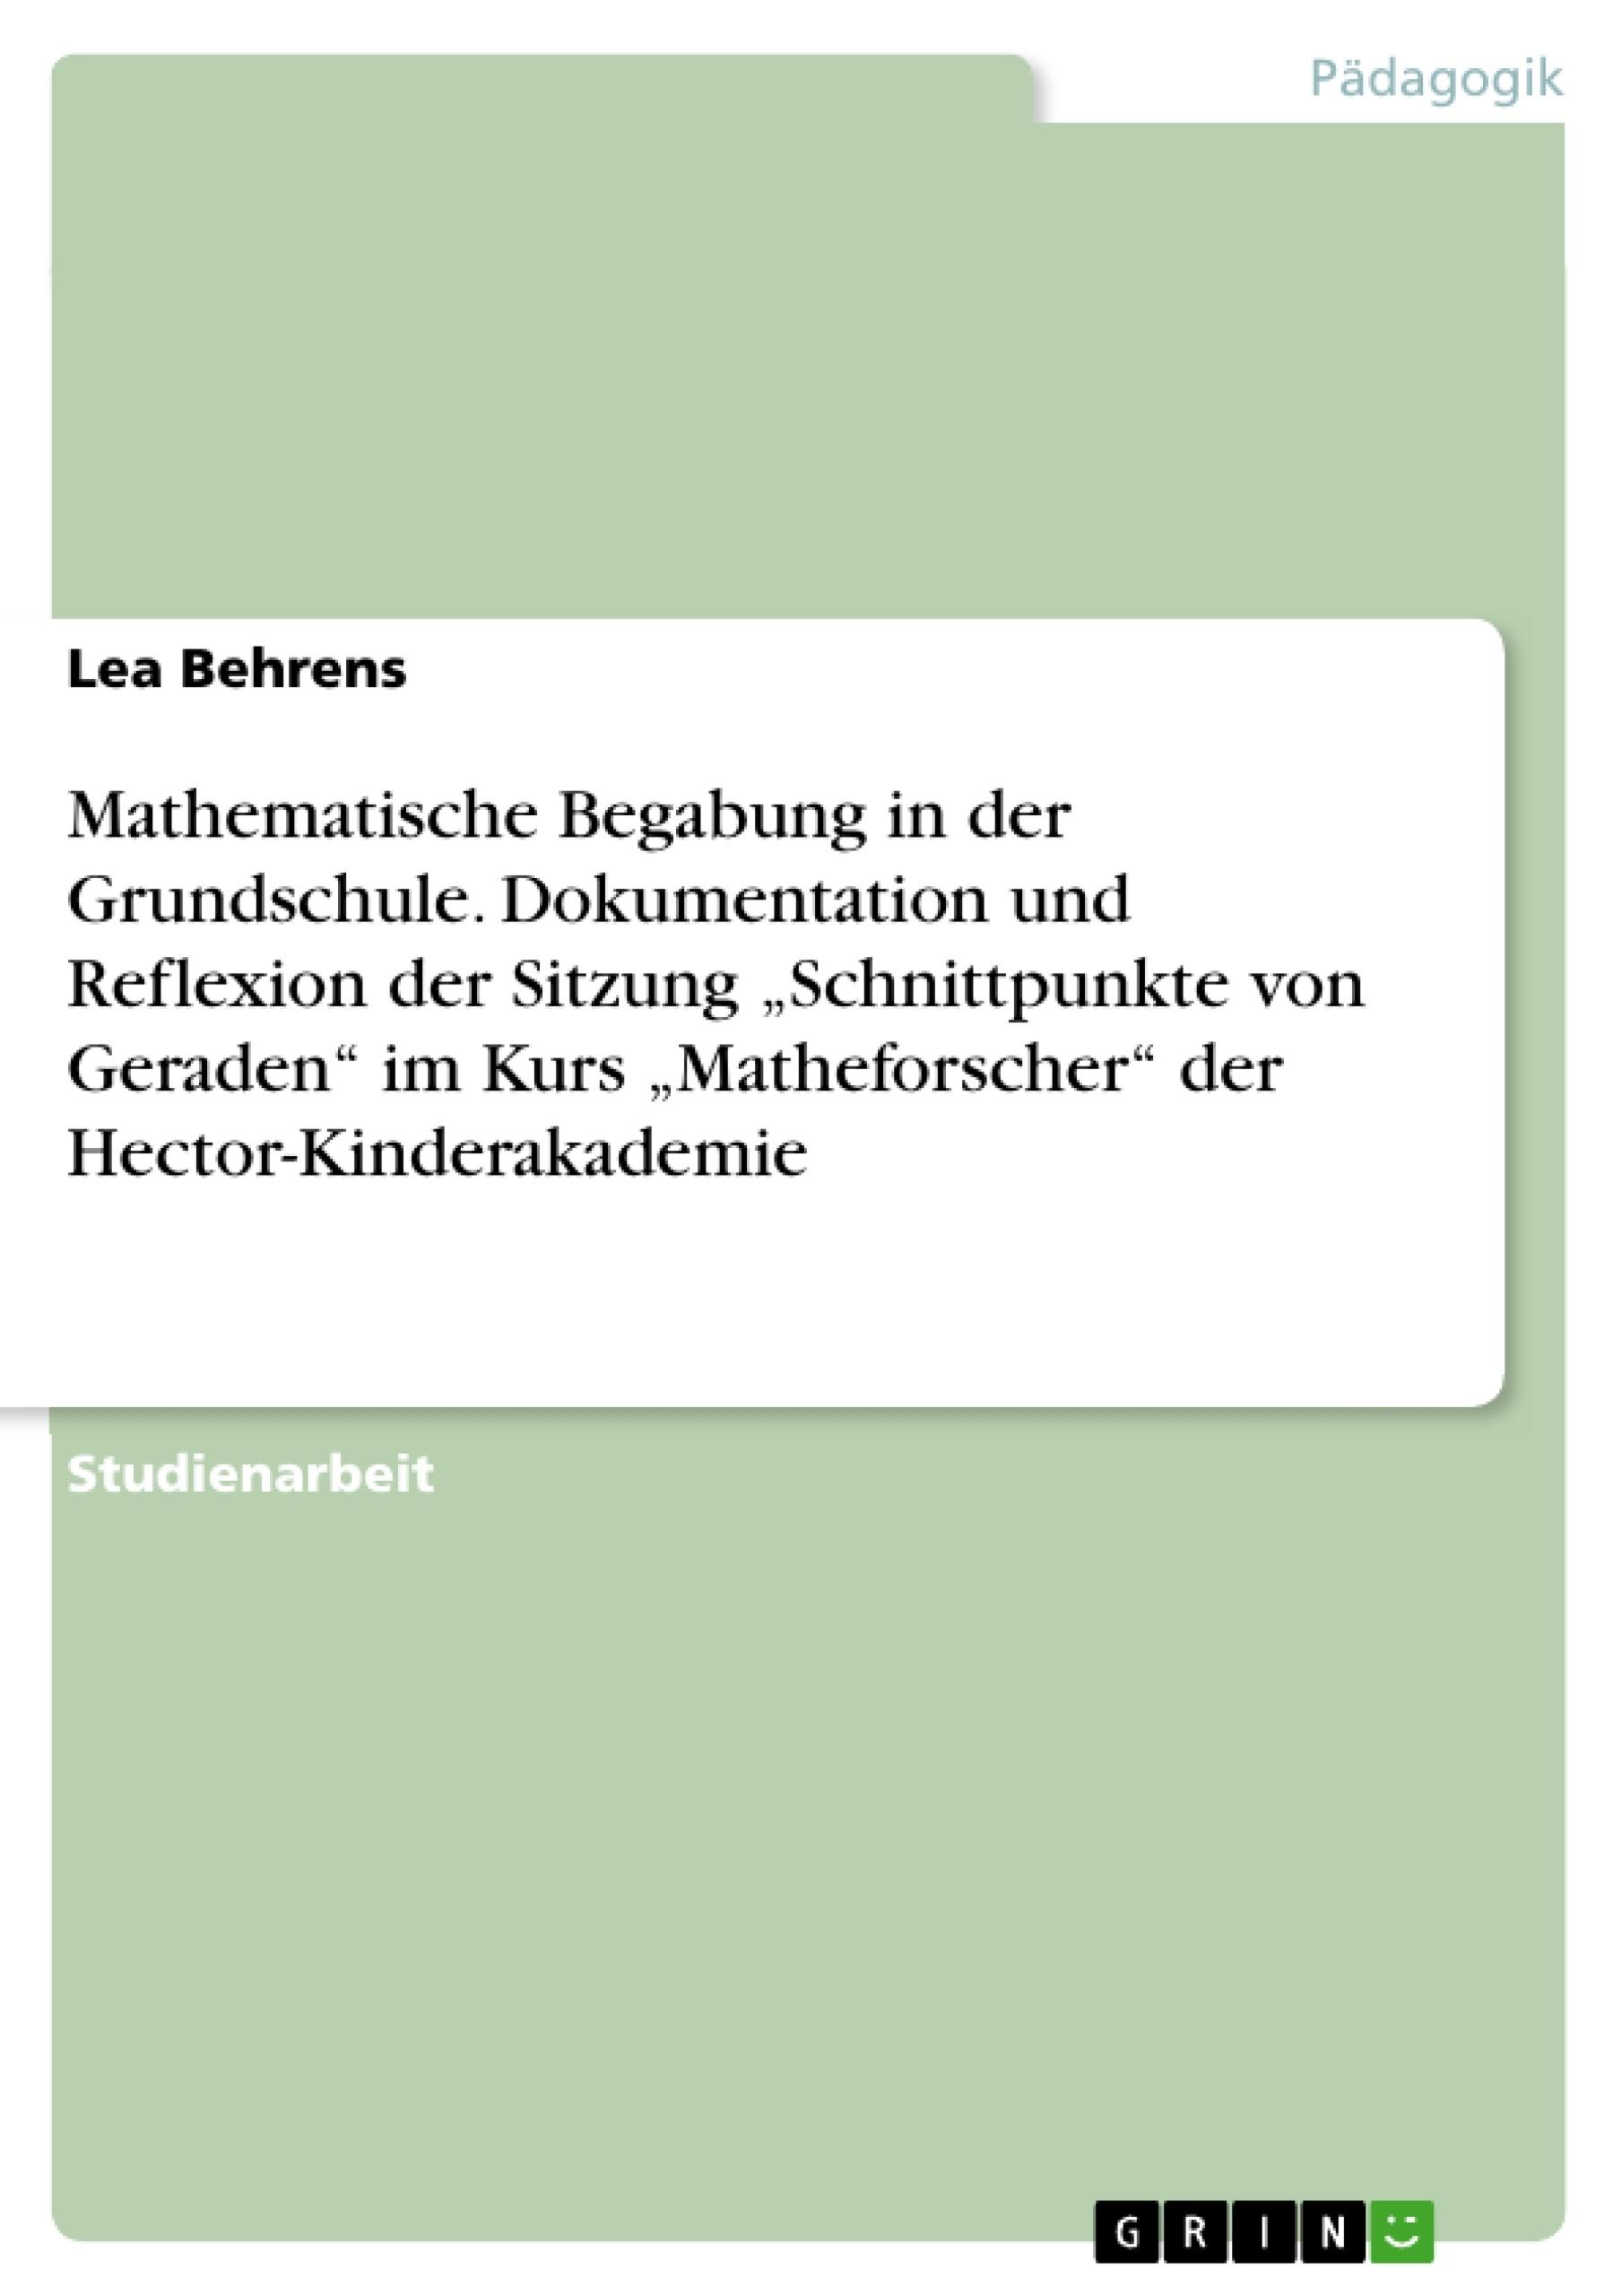 """Titel: Mathematische Begabung in der Grundschule. Dokumentation und Reflexion der Sitzung """"Schnittpunkte von Geraden"""" im Kurs """"Matheforscher"""" der Hector-Kinderakademie"""